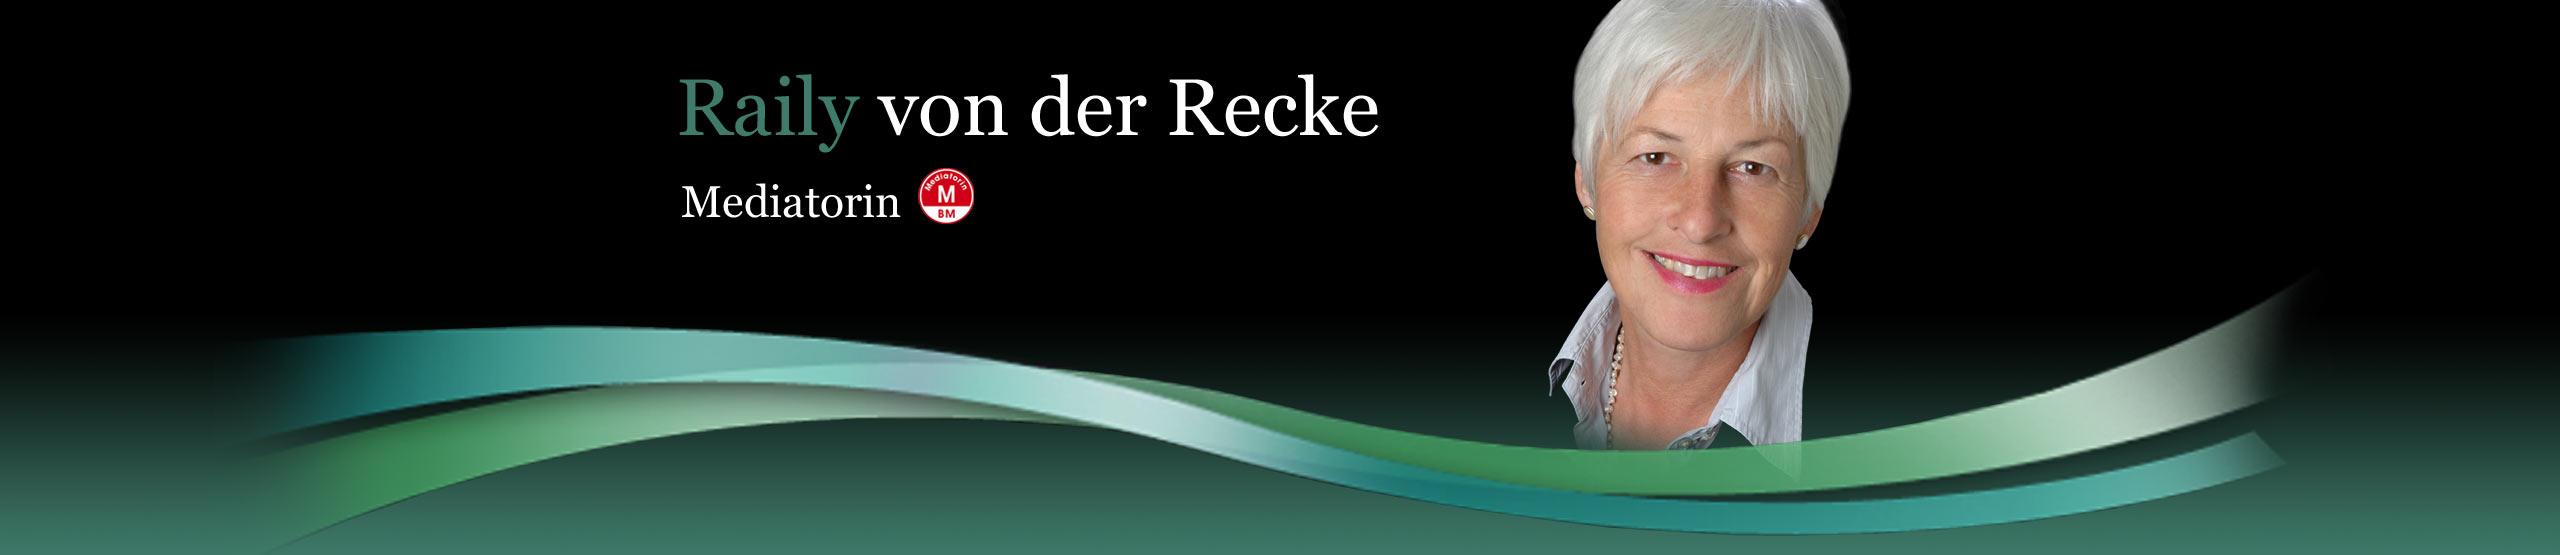 von-der-recke_head